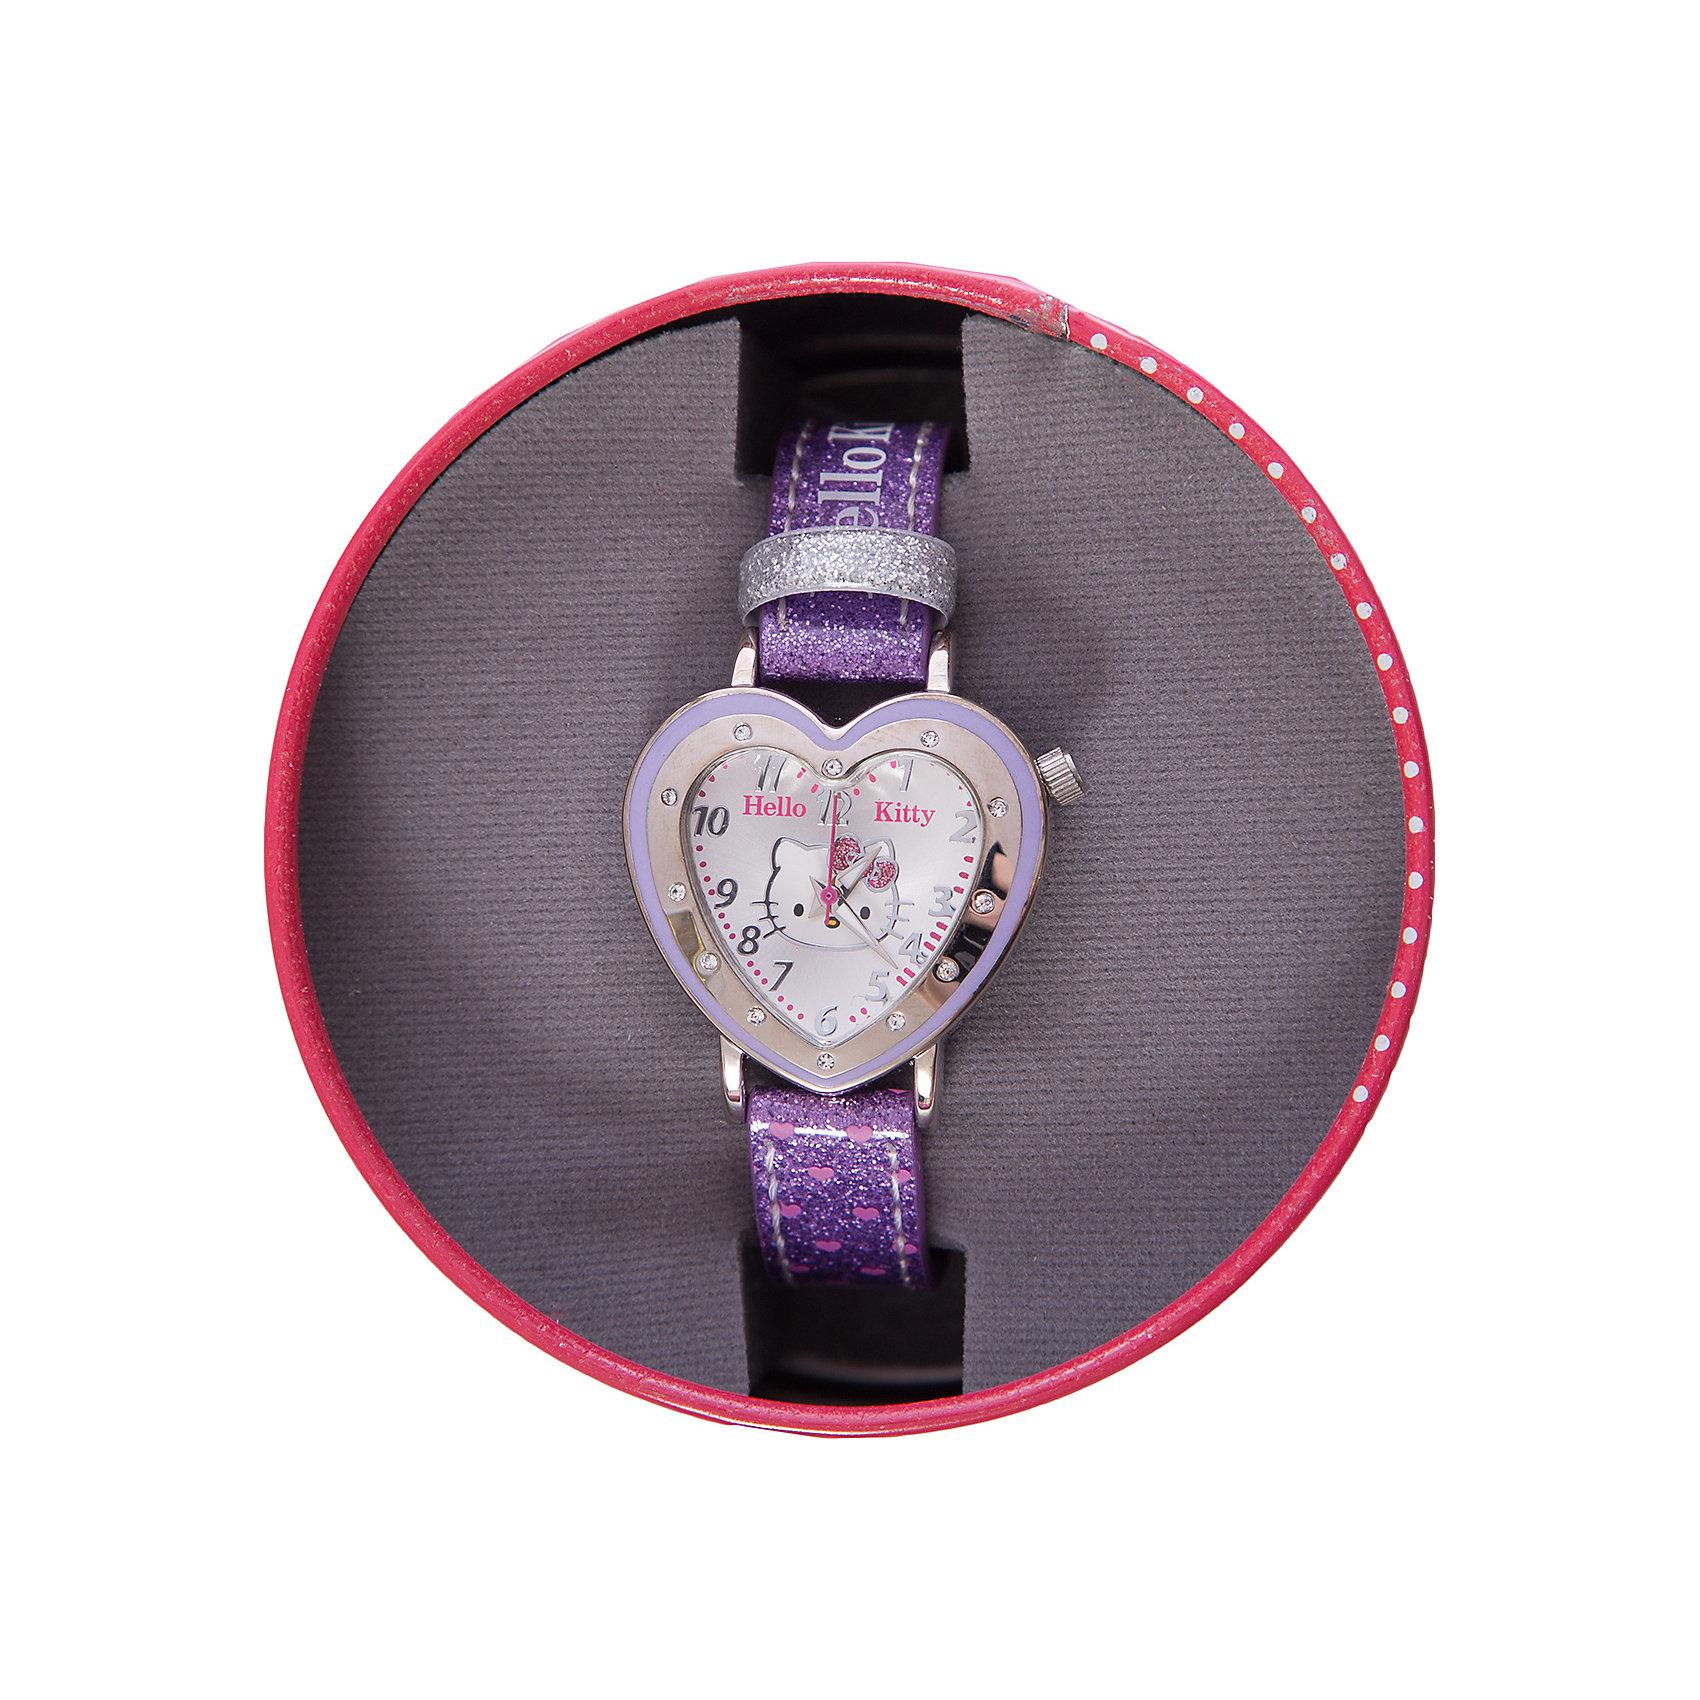 Часы наручные аналоговые, Hello KittyЭксклюзивные наручные аналоговые часы торговой марки Hello Kitty выполнены по индивидуальному дизайну ООО «Детское Время» и лицензии компании Sanrio. Обилие деталей - декоративных элементов (страз, мерцающих ремешков), надписей,  уникальных изображений - делают изделие тщательно продуманным творением мастеров. Часы имеют высококачественный японский кварцевый механизм и отличаются надежностью и точностью хода. Часы водоустойчивы и обладают достаточной герметичностью, чтобы спокойно перенести случайный и незначительный контакт с жидкостями (дождь, брызги), но они не предназначены для плавания или погружения в воду. Циферблат защищен от повреждений прочным минеральным стеклом. Корпус часов выполнен из стали,  задняя крышка из нержавеющей стали. Материал браслета: искусственная кожа. Единица товара упаковывается в стильную подарочную коробочку. Неповторимый стиль с изобилием насыщенных и в тоже время нежных гамм; надежность и прочность изделия позволяют говорить о нем только в превосходной степени!<br><br>Ширина мм: 55<br>Глубина мм: 10<br>Высота мм: 250<br>Вес г: 27<br>Возраст от месяцев: 36<br>Возраст до месяцев: 72<br>Пол: Женский<br>Возраст: Детский<br>SKU: 5529332